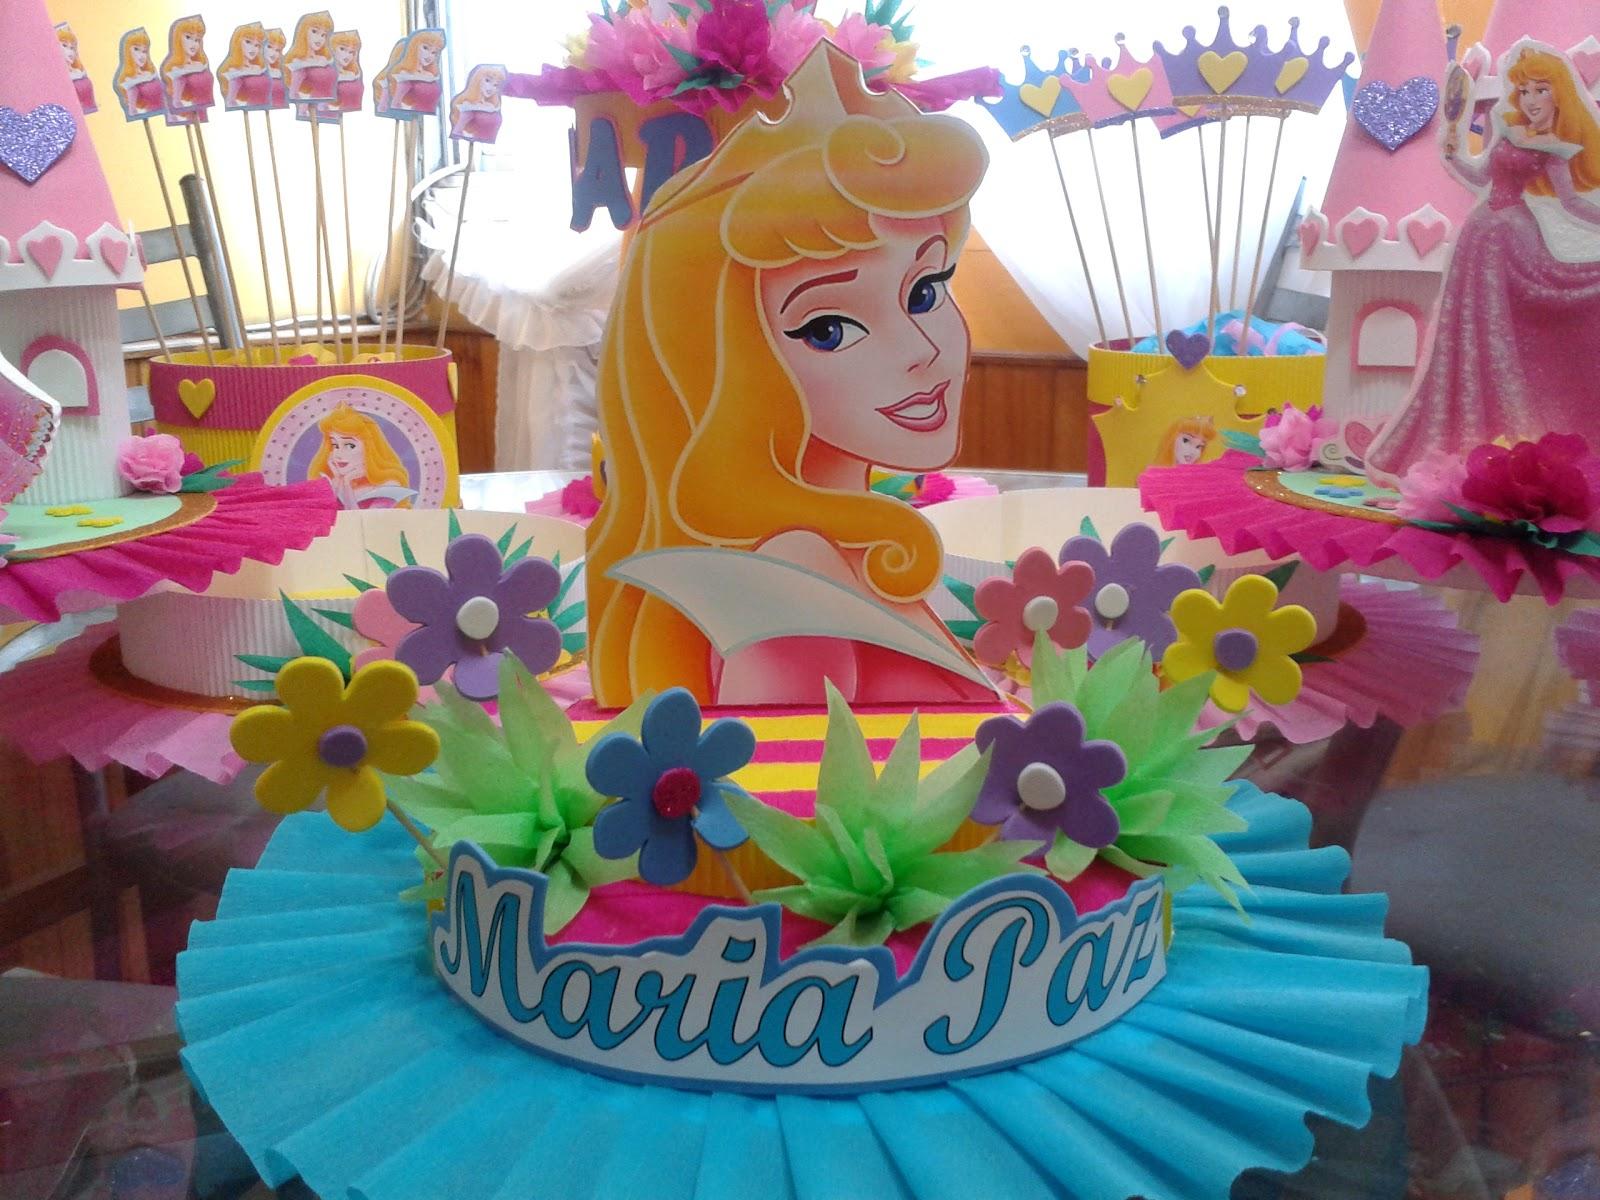 Decoraciones infantiles princesa aurora bella durmiente for Decoraciones infantiles